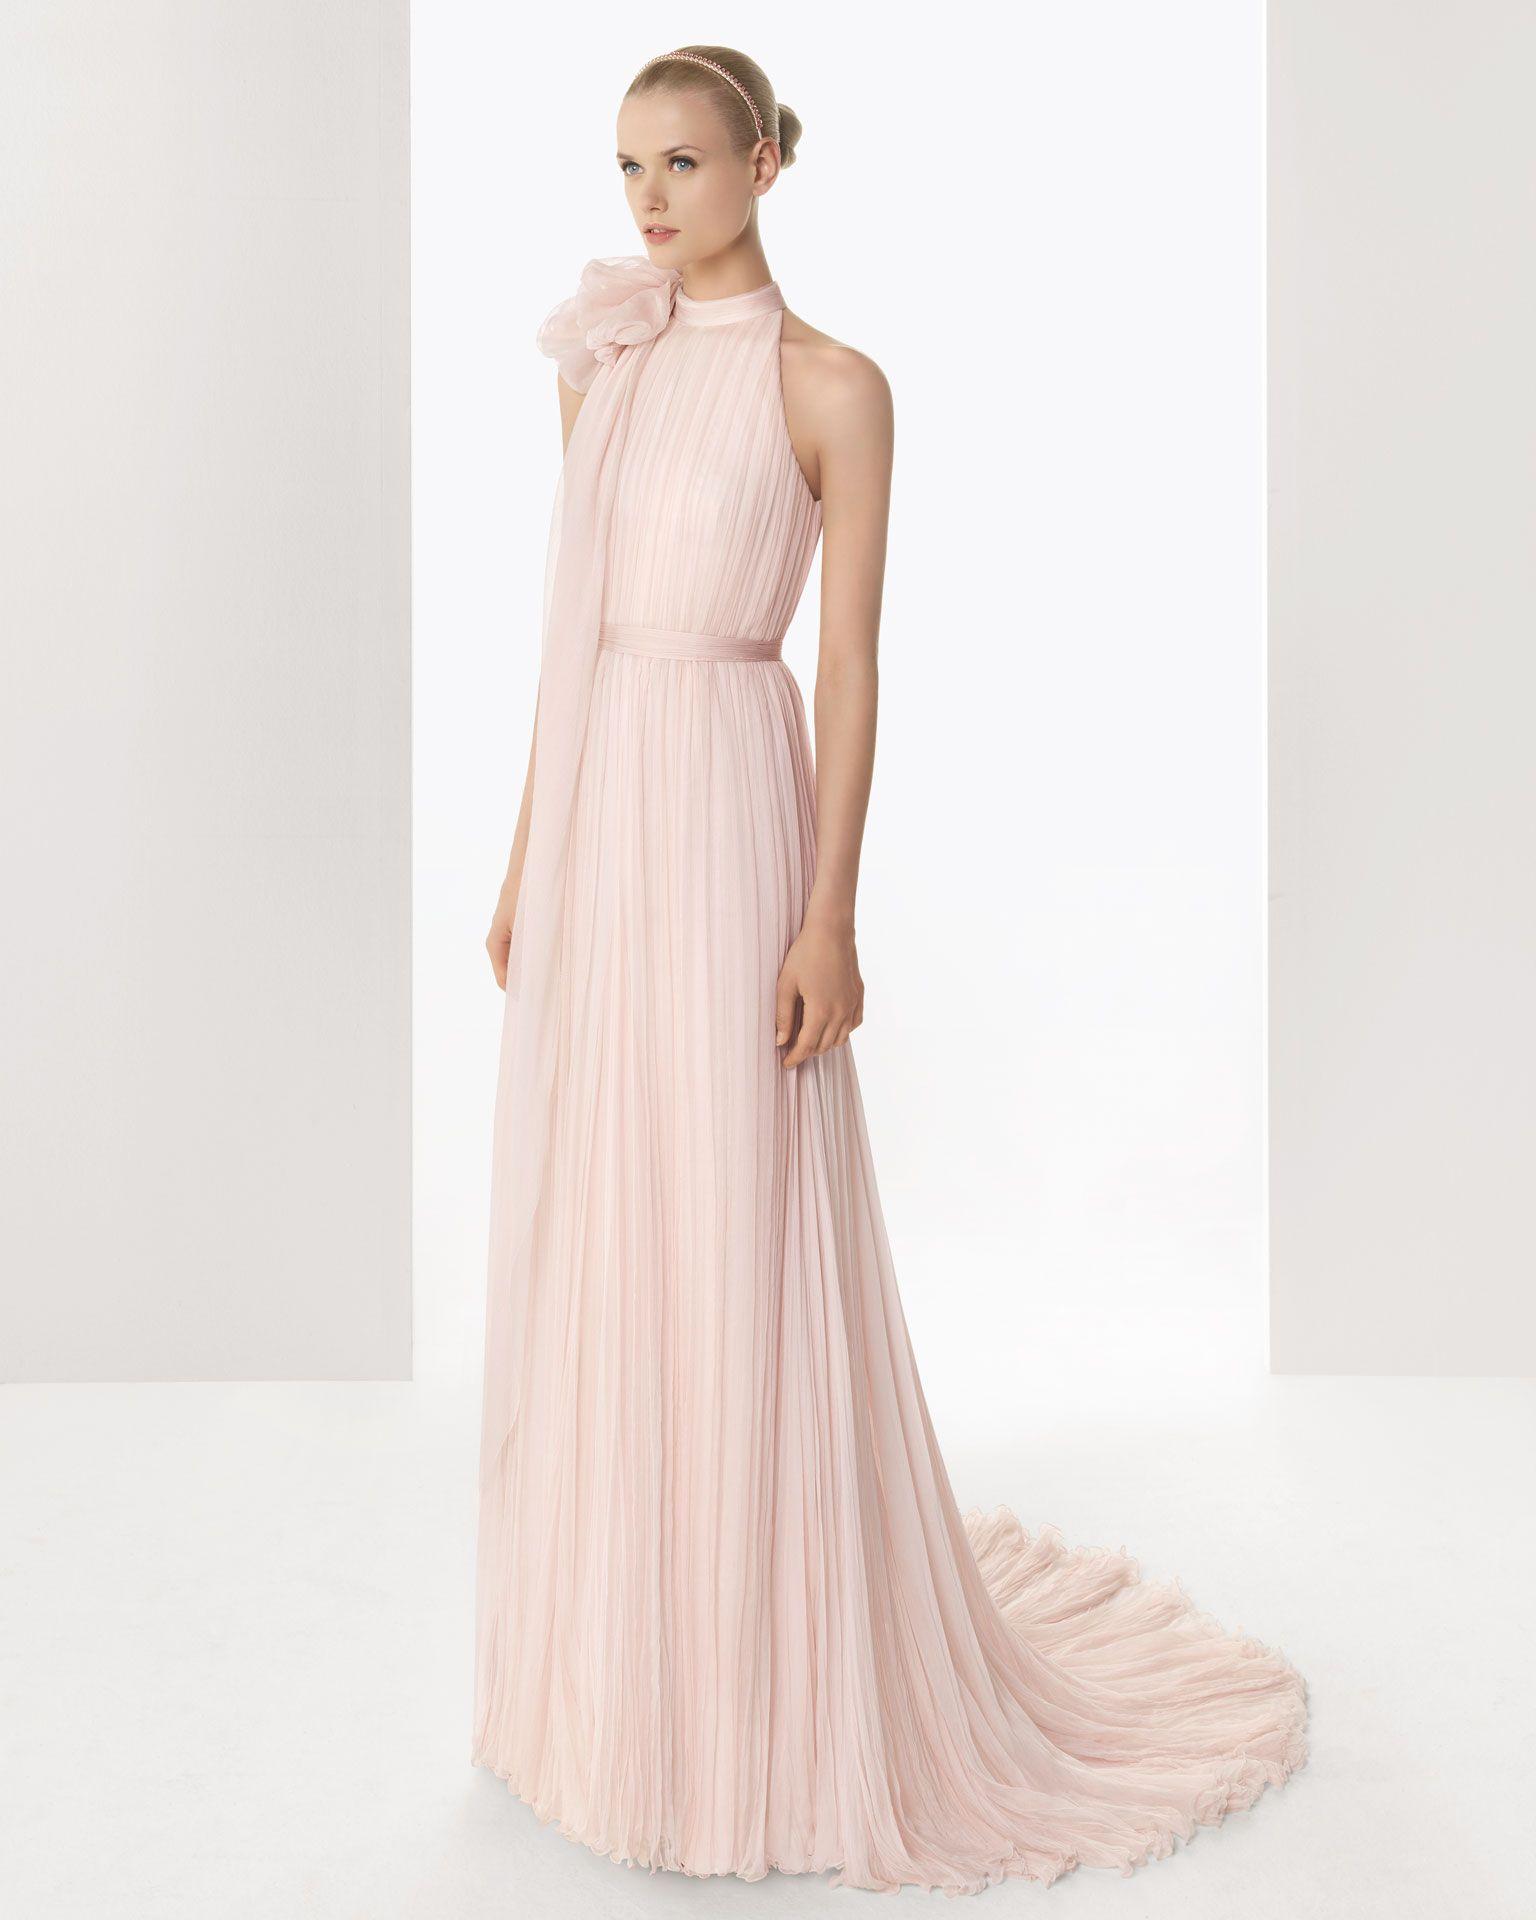 2015 Lovely High Collar Light Pink Chiffon Evening Gowns A-line ...